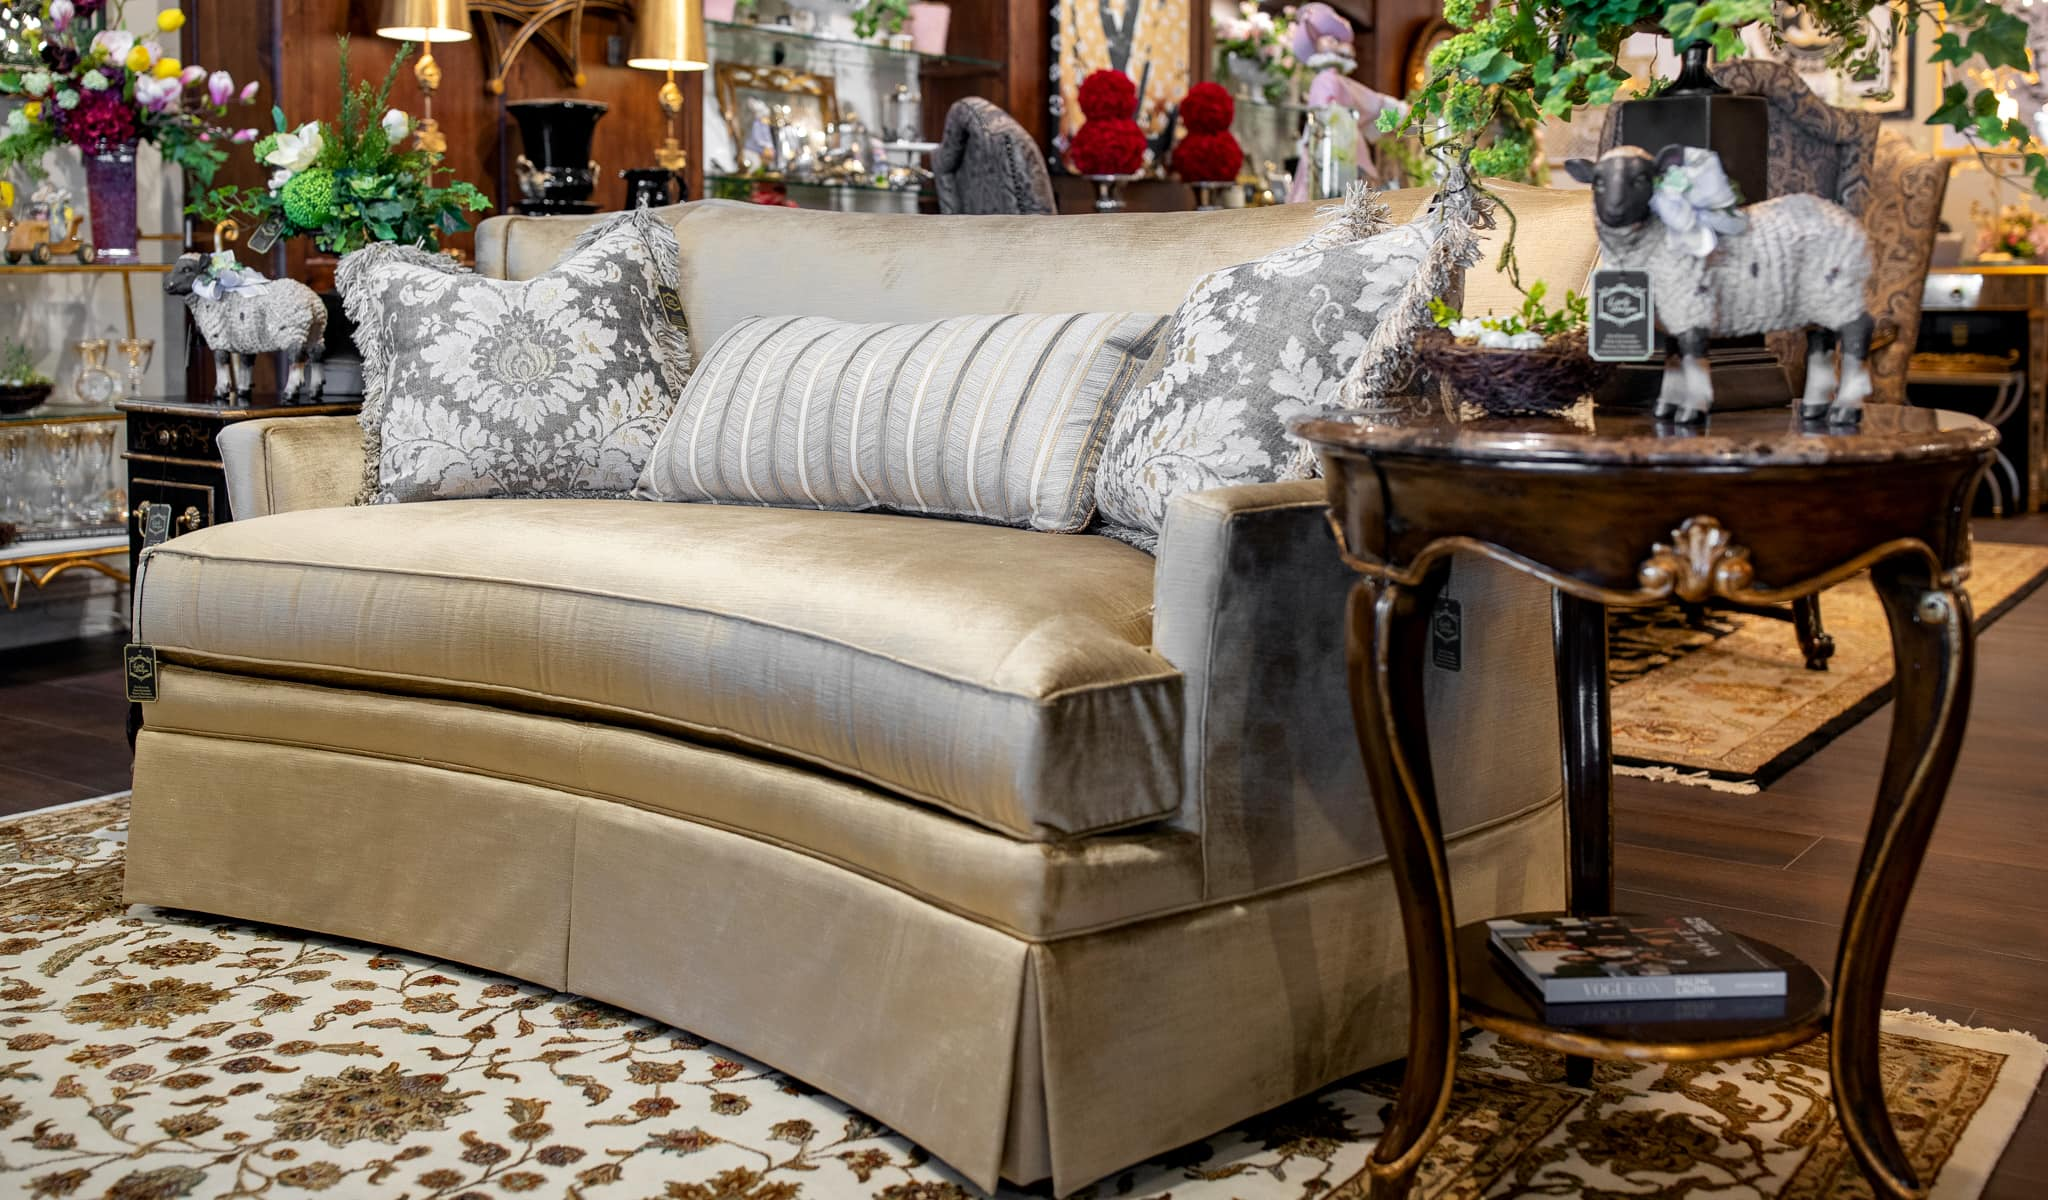 Luxury Home Decor